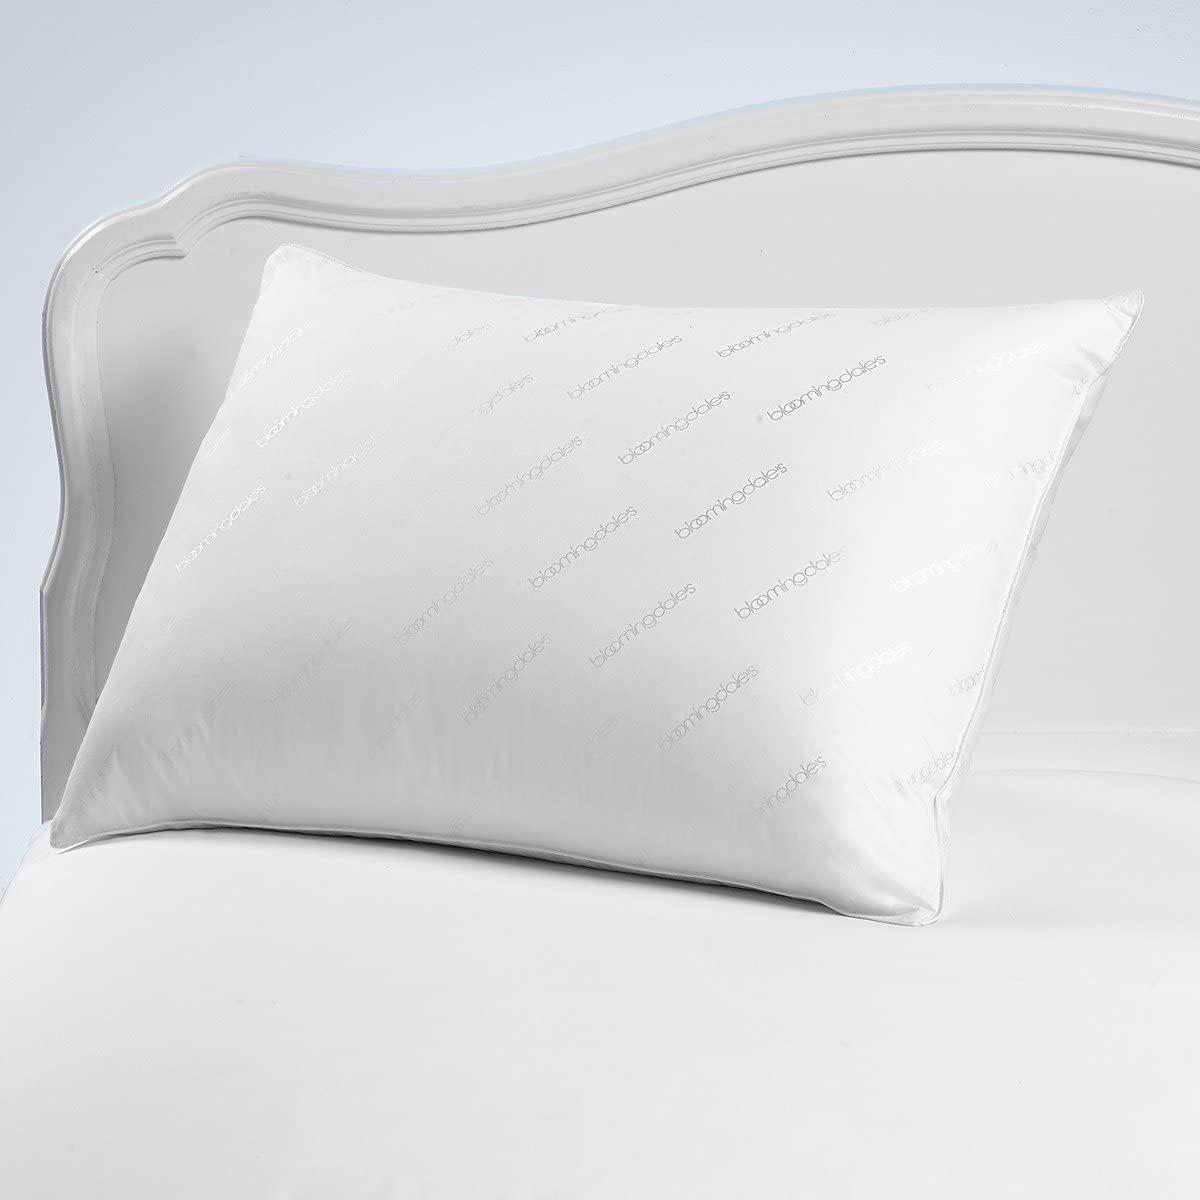 Bloomingdale's Jumbo Logo Classic STANDARD QUEEN Bed Pillow